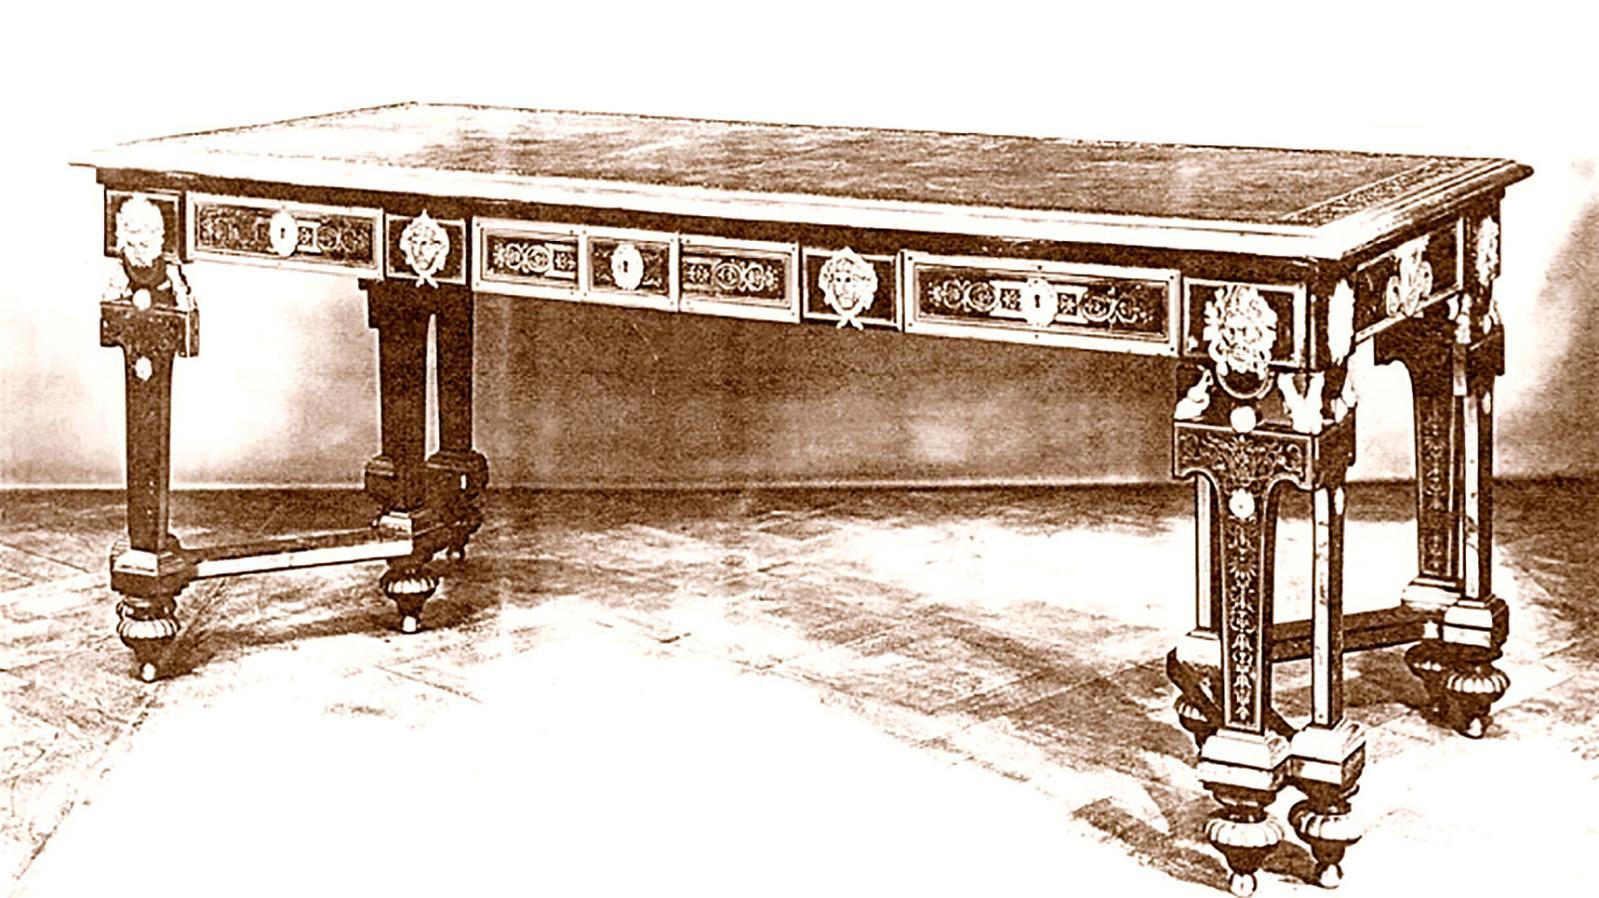 Bureau, lot n° 711 de la vente Julliot en 1777, puis vente Leboeuf en 1783 ; commerce de l'art, Londres, 1960. Une comparaison avec un bureau de Ment